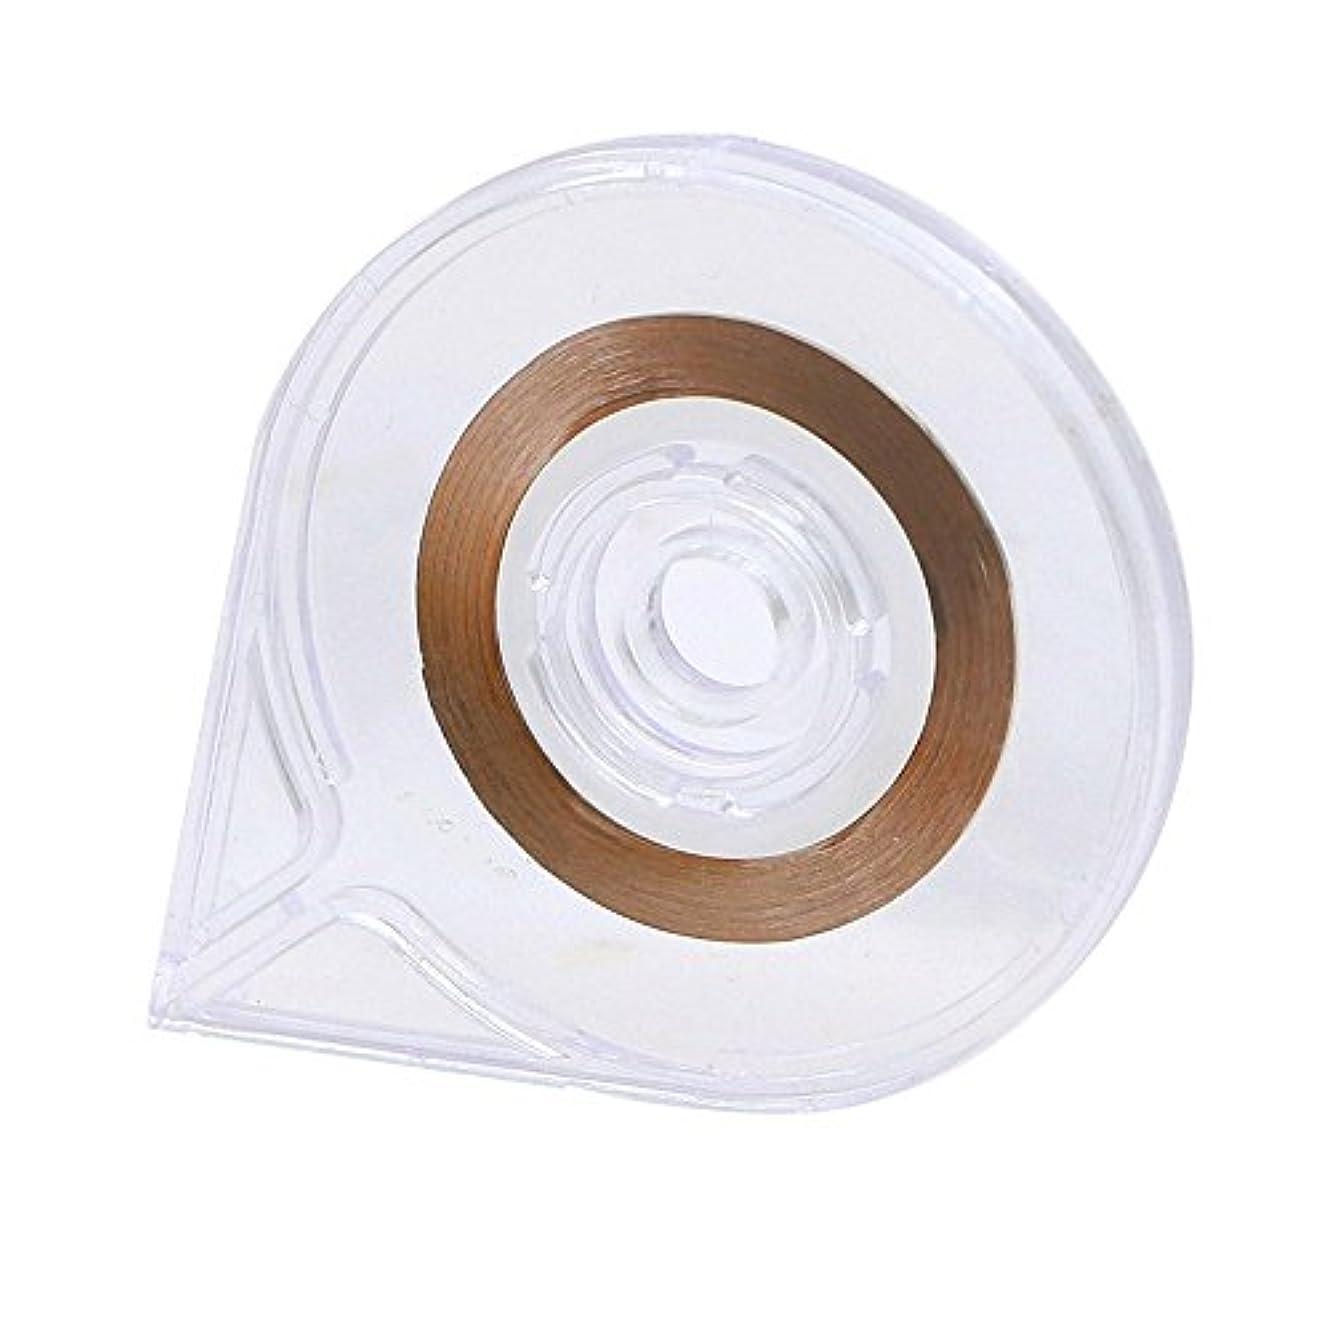 性能イソギンチャク鉛筆SODIAL(R) ネイルアート ストライピングテープラインケースツールステッカーボックスホルダー 使いやすいデザイン